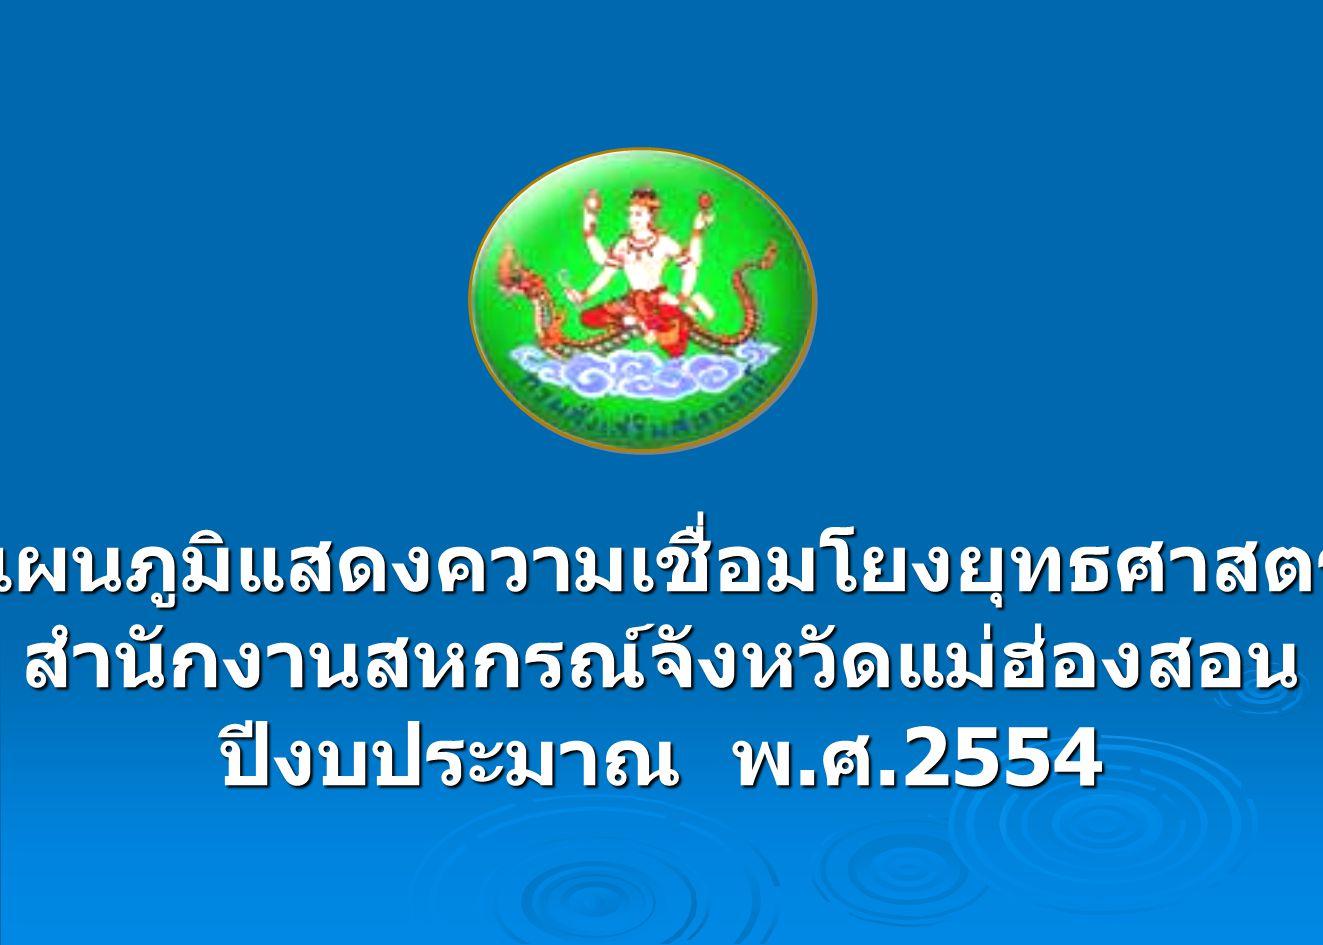 แผนภูมิแสดงความเชื่อมโยงยุทธศาสตร์สำนักงานสหกรณ์จังหวัดแม่ฮ่องสอน ปีงบประมาณ พ. ศ.2554